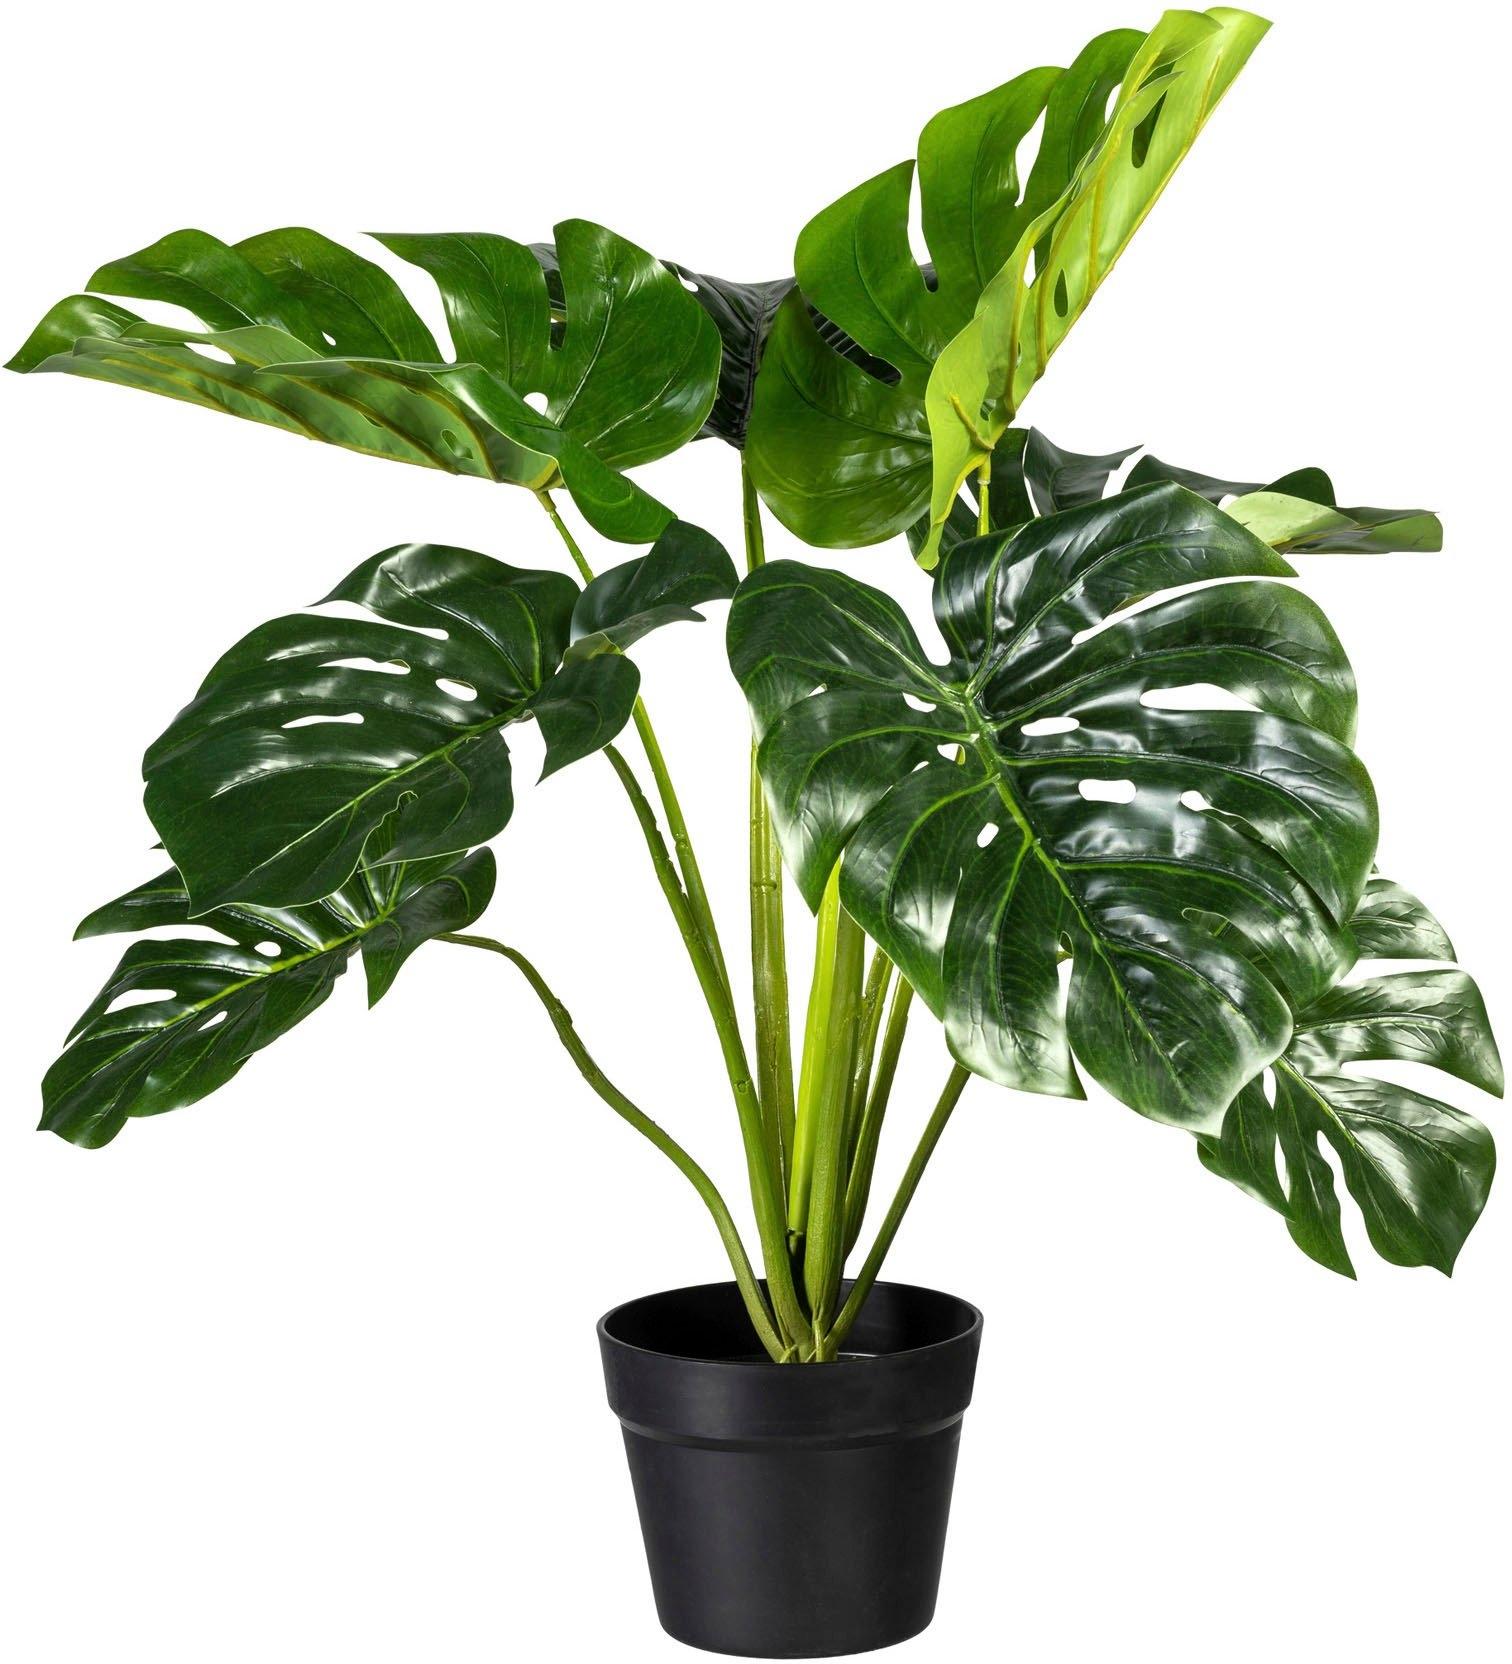 Creativ green kunst-potplanten »Splitphilodendron« goedkoop op otto.nl kopen